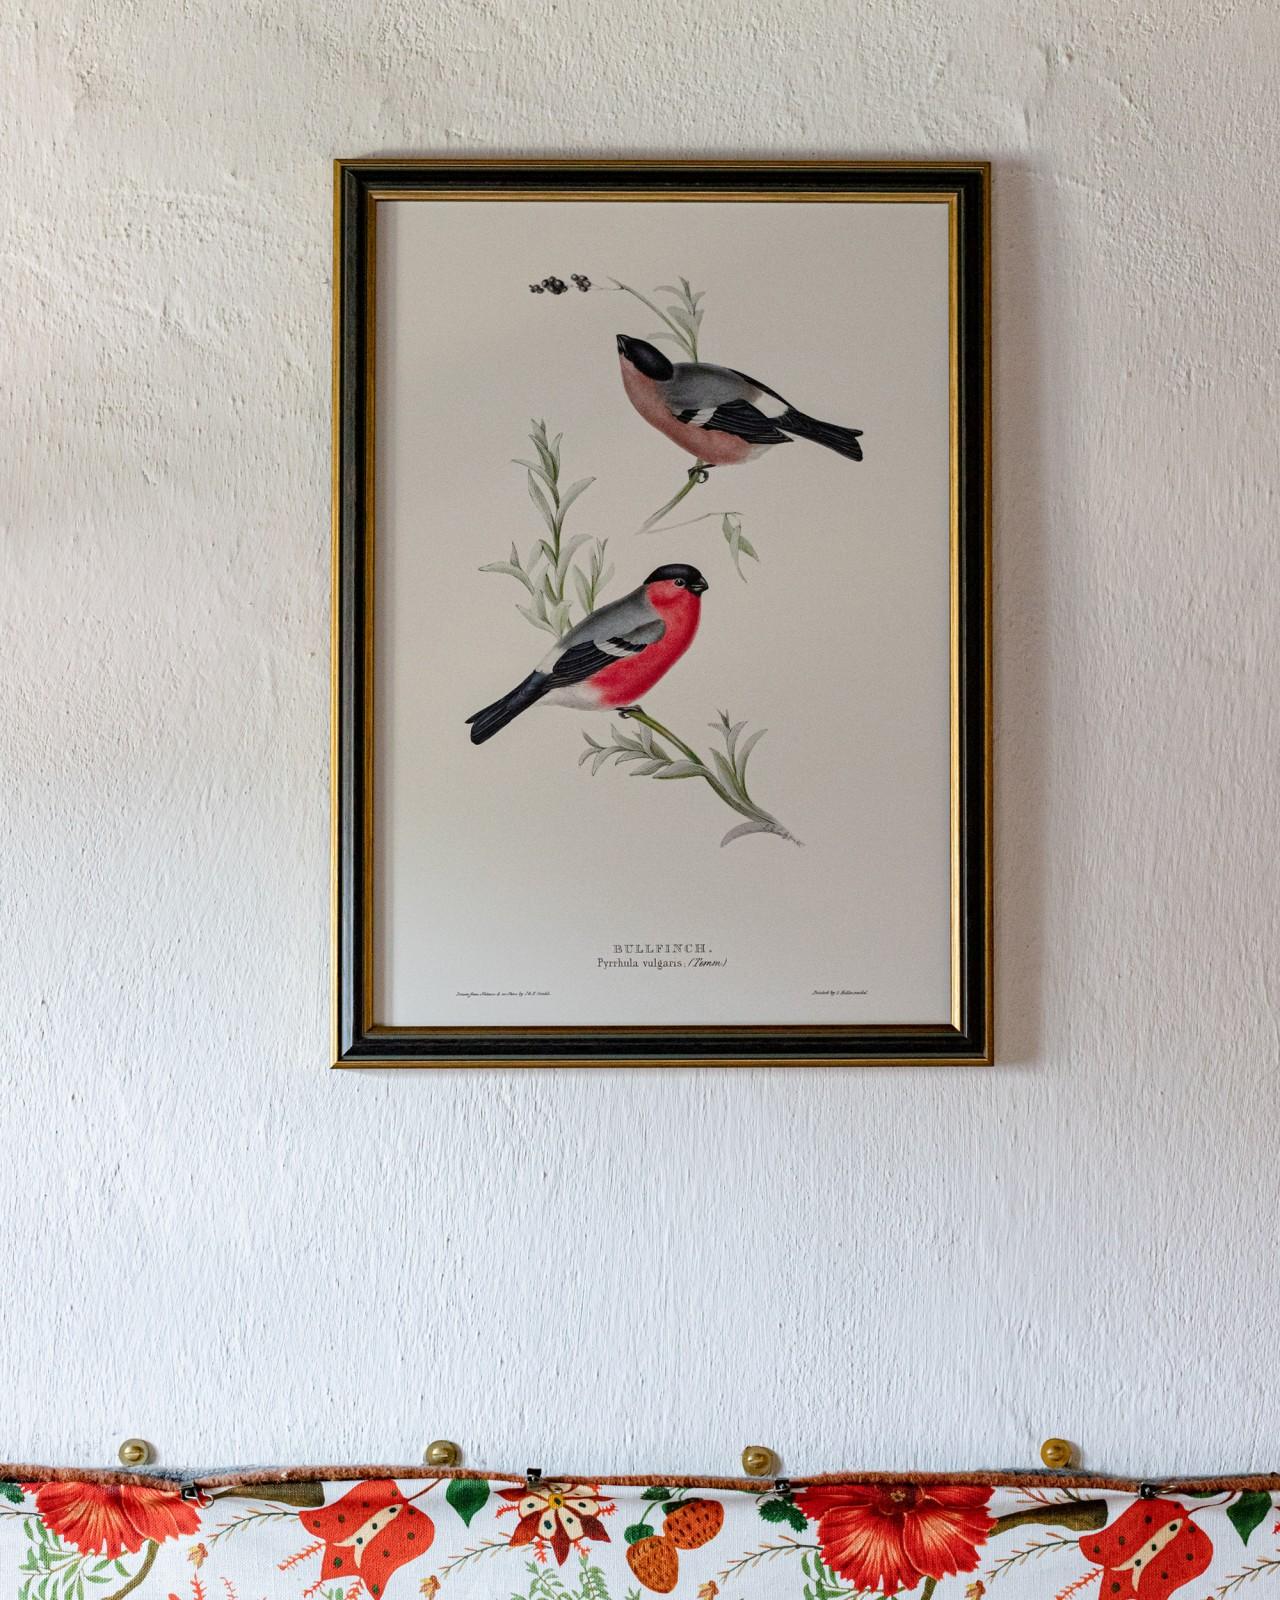 BULLFNCH Framed Art